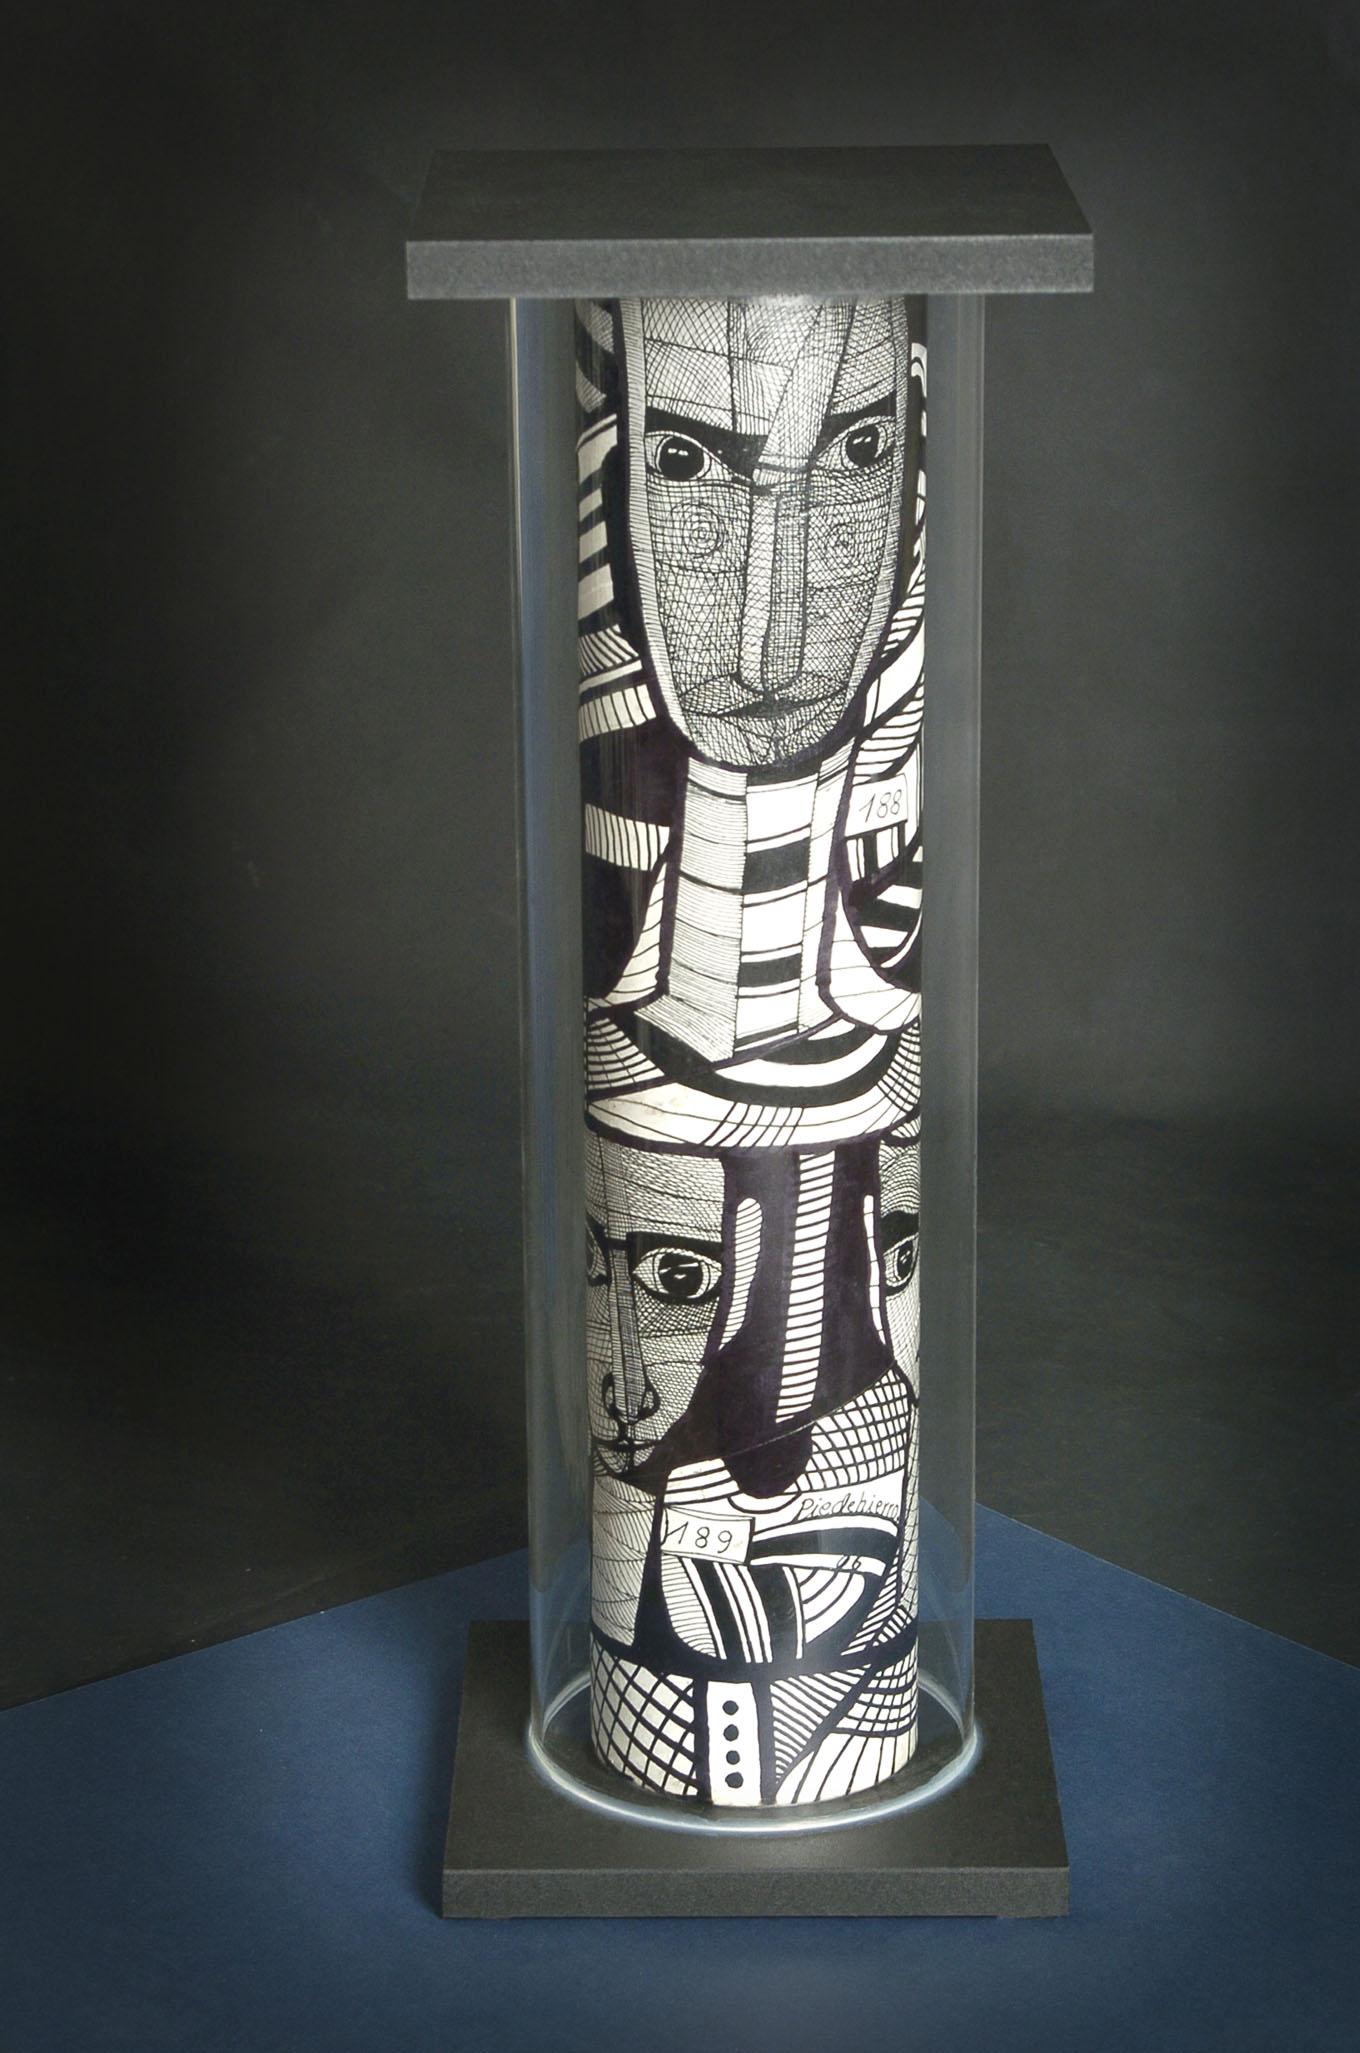 Las Personalidades del Hombre. 2006-16 (2006) - Rafael Piedehierro